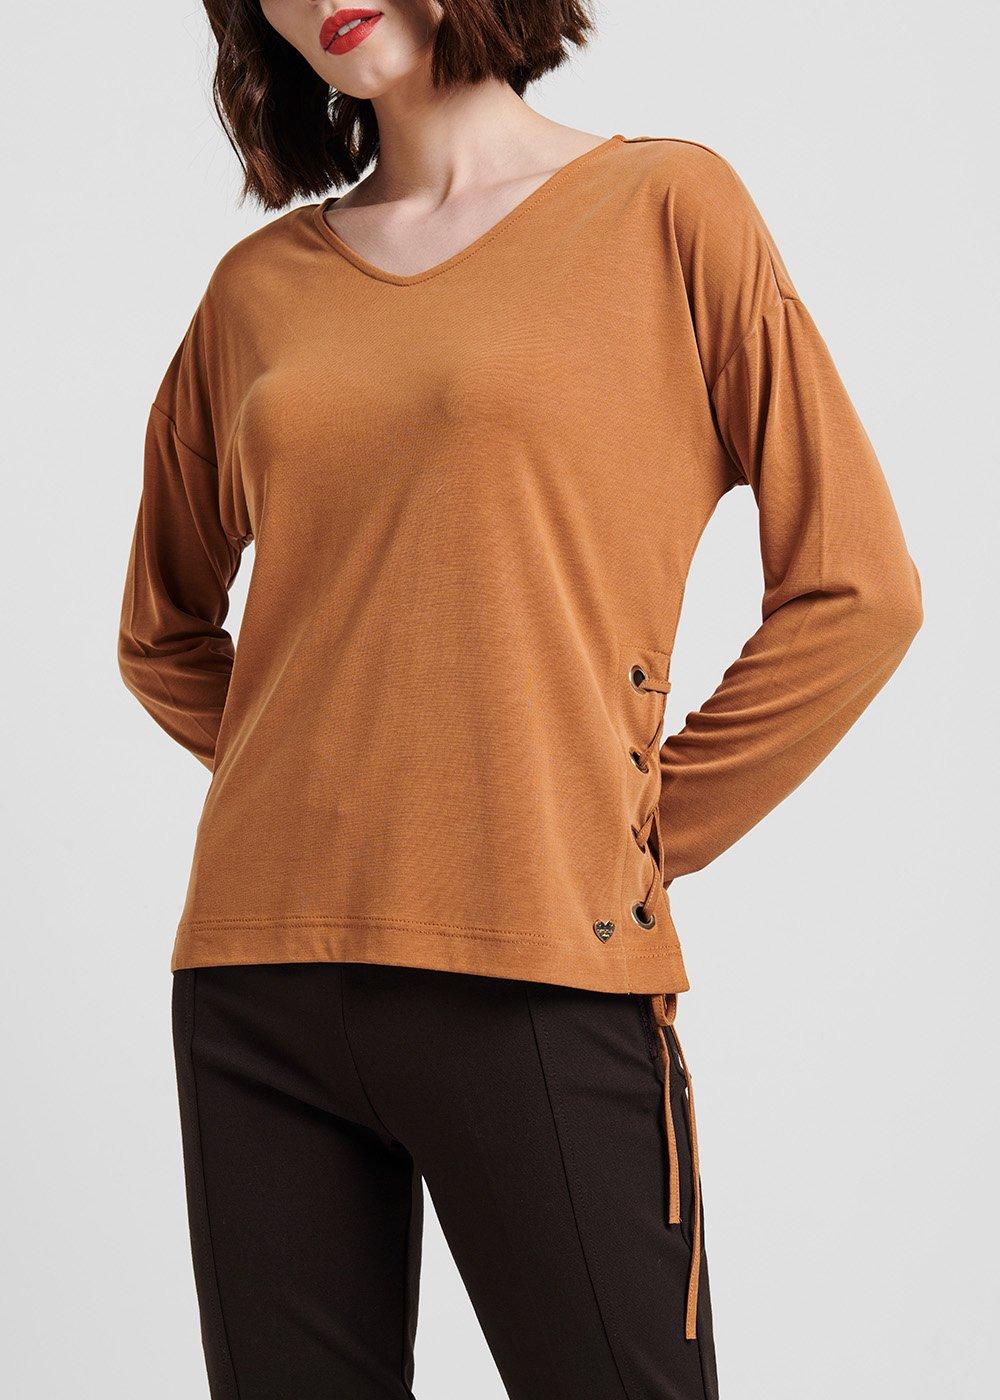 T-shirt Shery scollo a V - Sughero - Donna